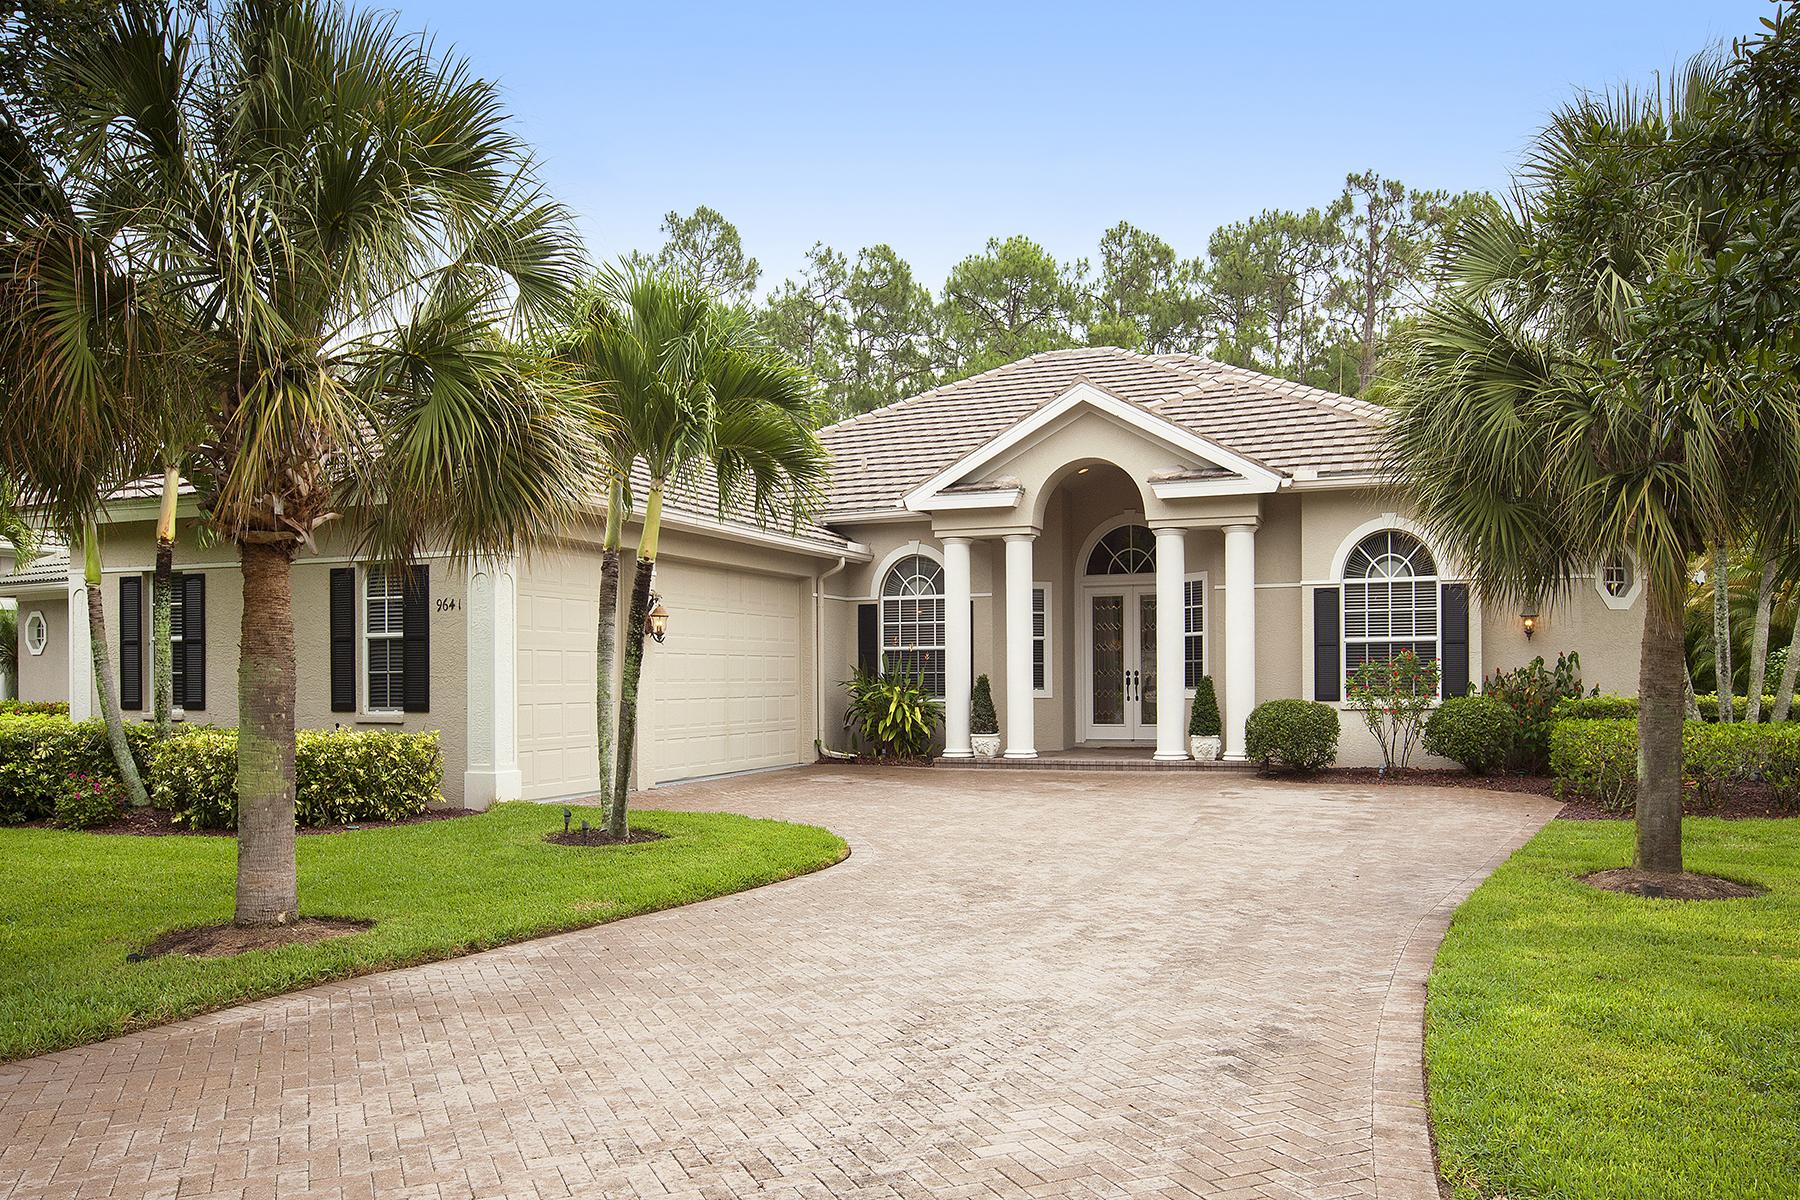 Maison unifamiliale pour l Vente à Wilshire Lakes 9641 Wilshire Lakes Blvd Naples, Florida 34109 États-Unis